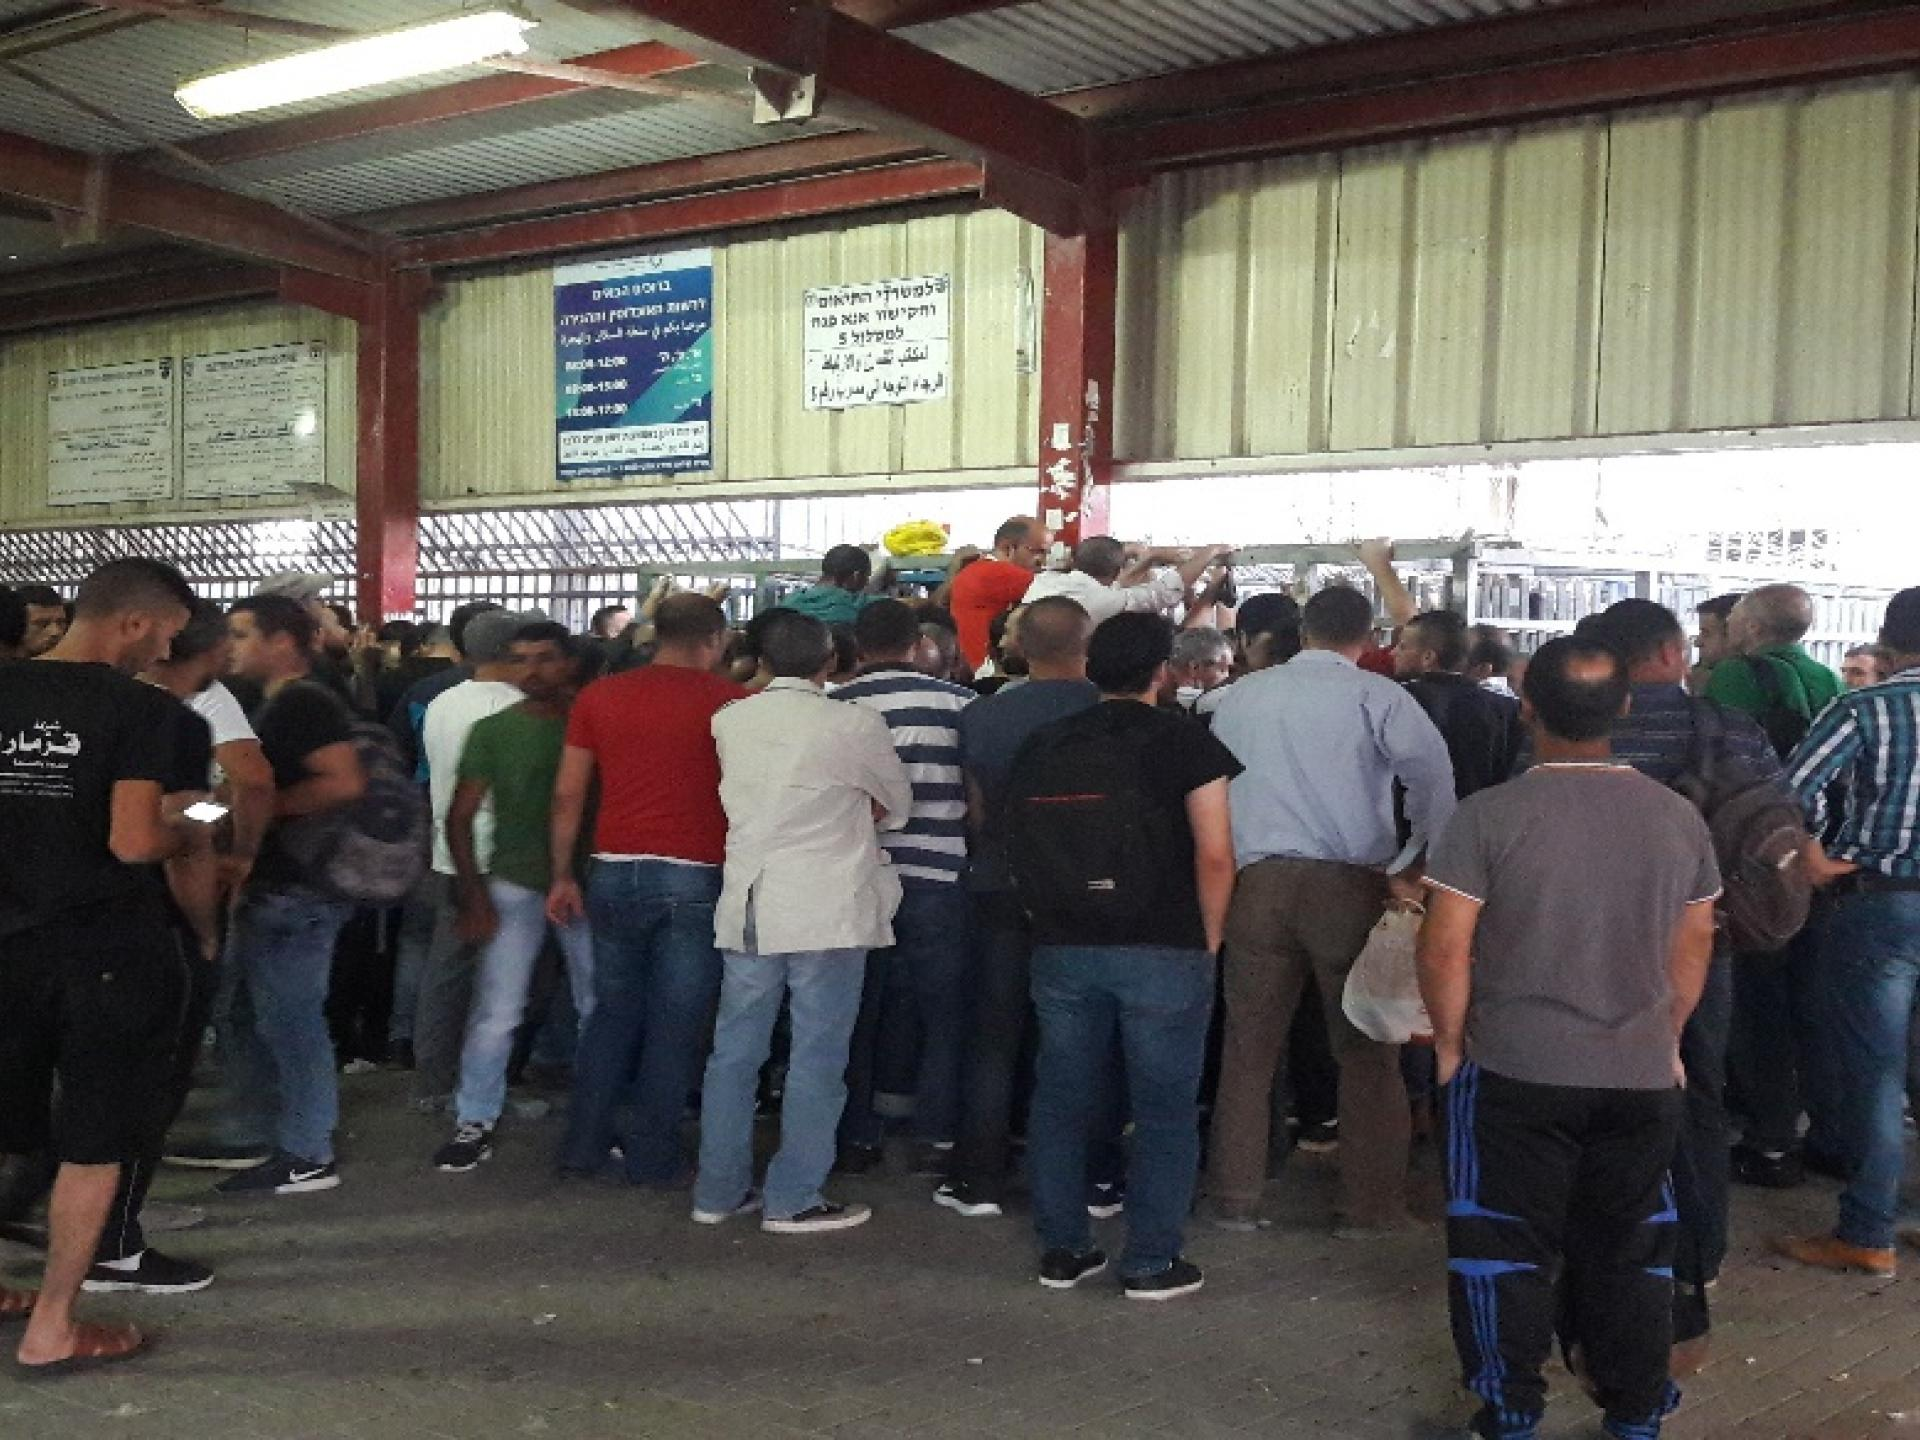 Collapsed queues